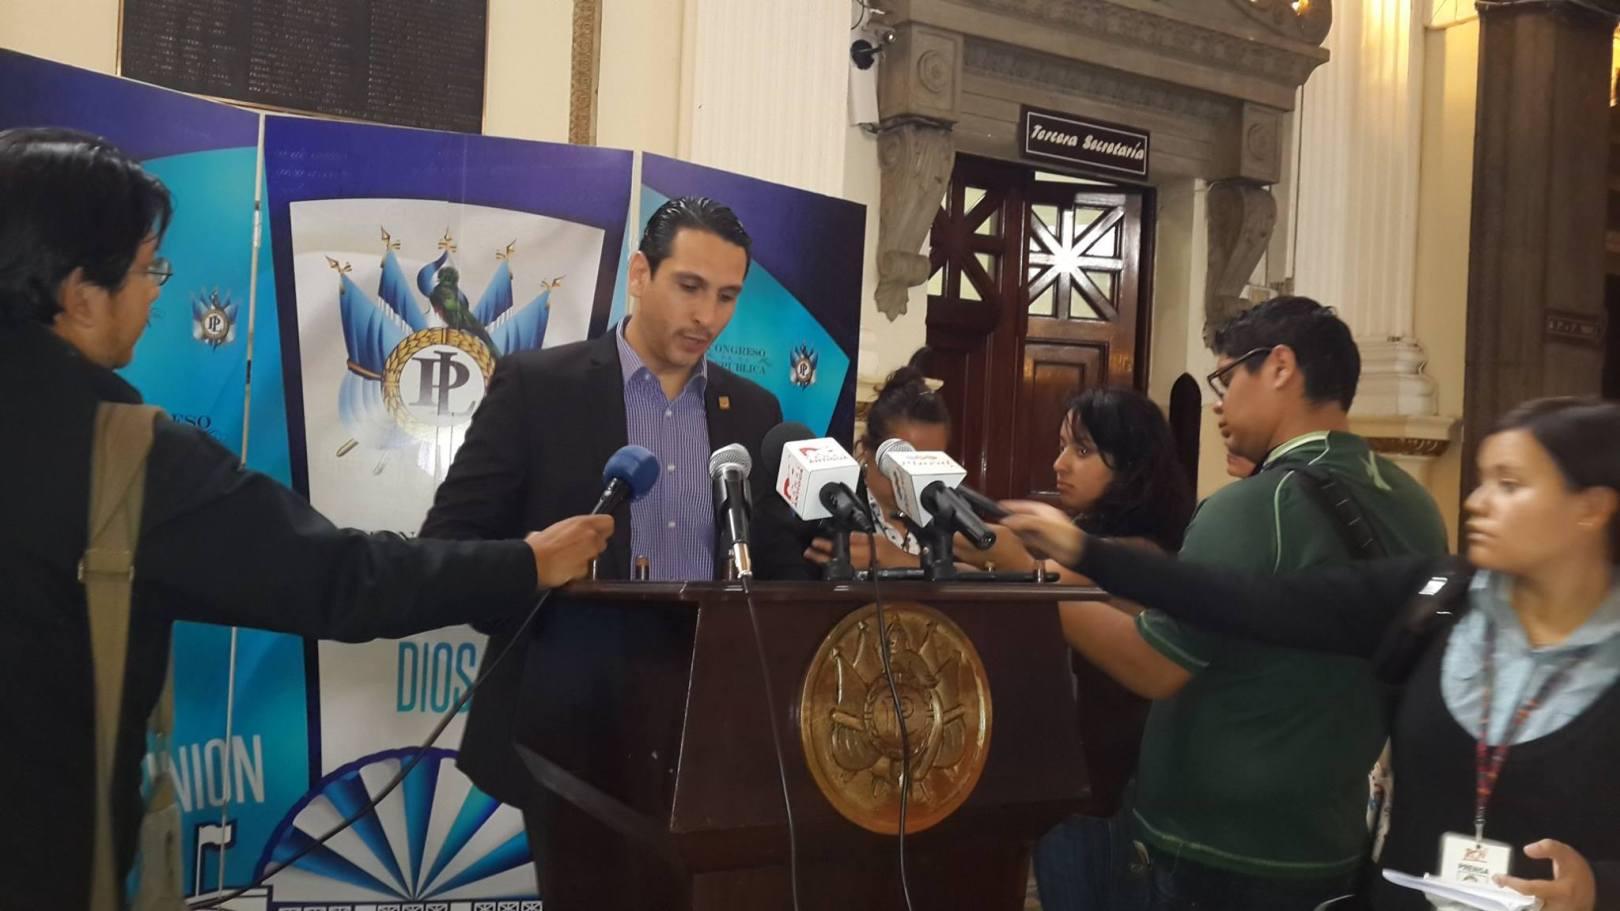 """El congresista Paul Briere calificó de """"preocupante"""" la poca atención que presta el Gobierno de Guatemala a la atención de los migrantes en el país. Fotografía: FACEBOOK PAUL BRIERE"""